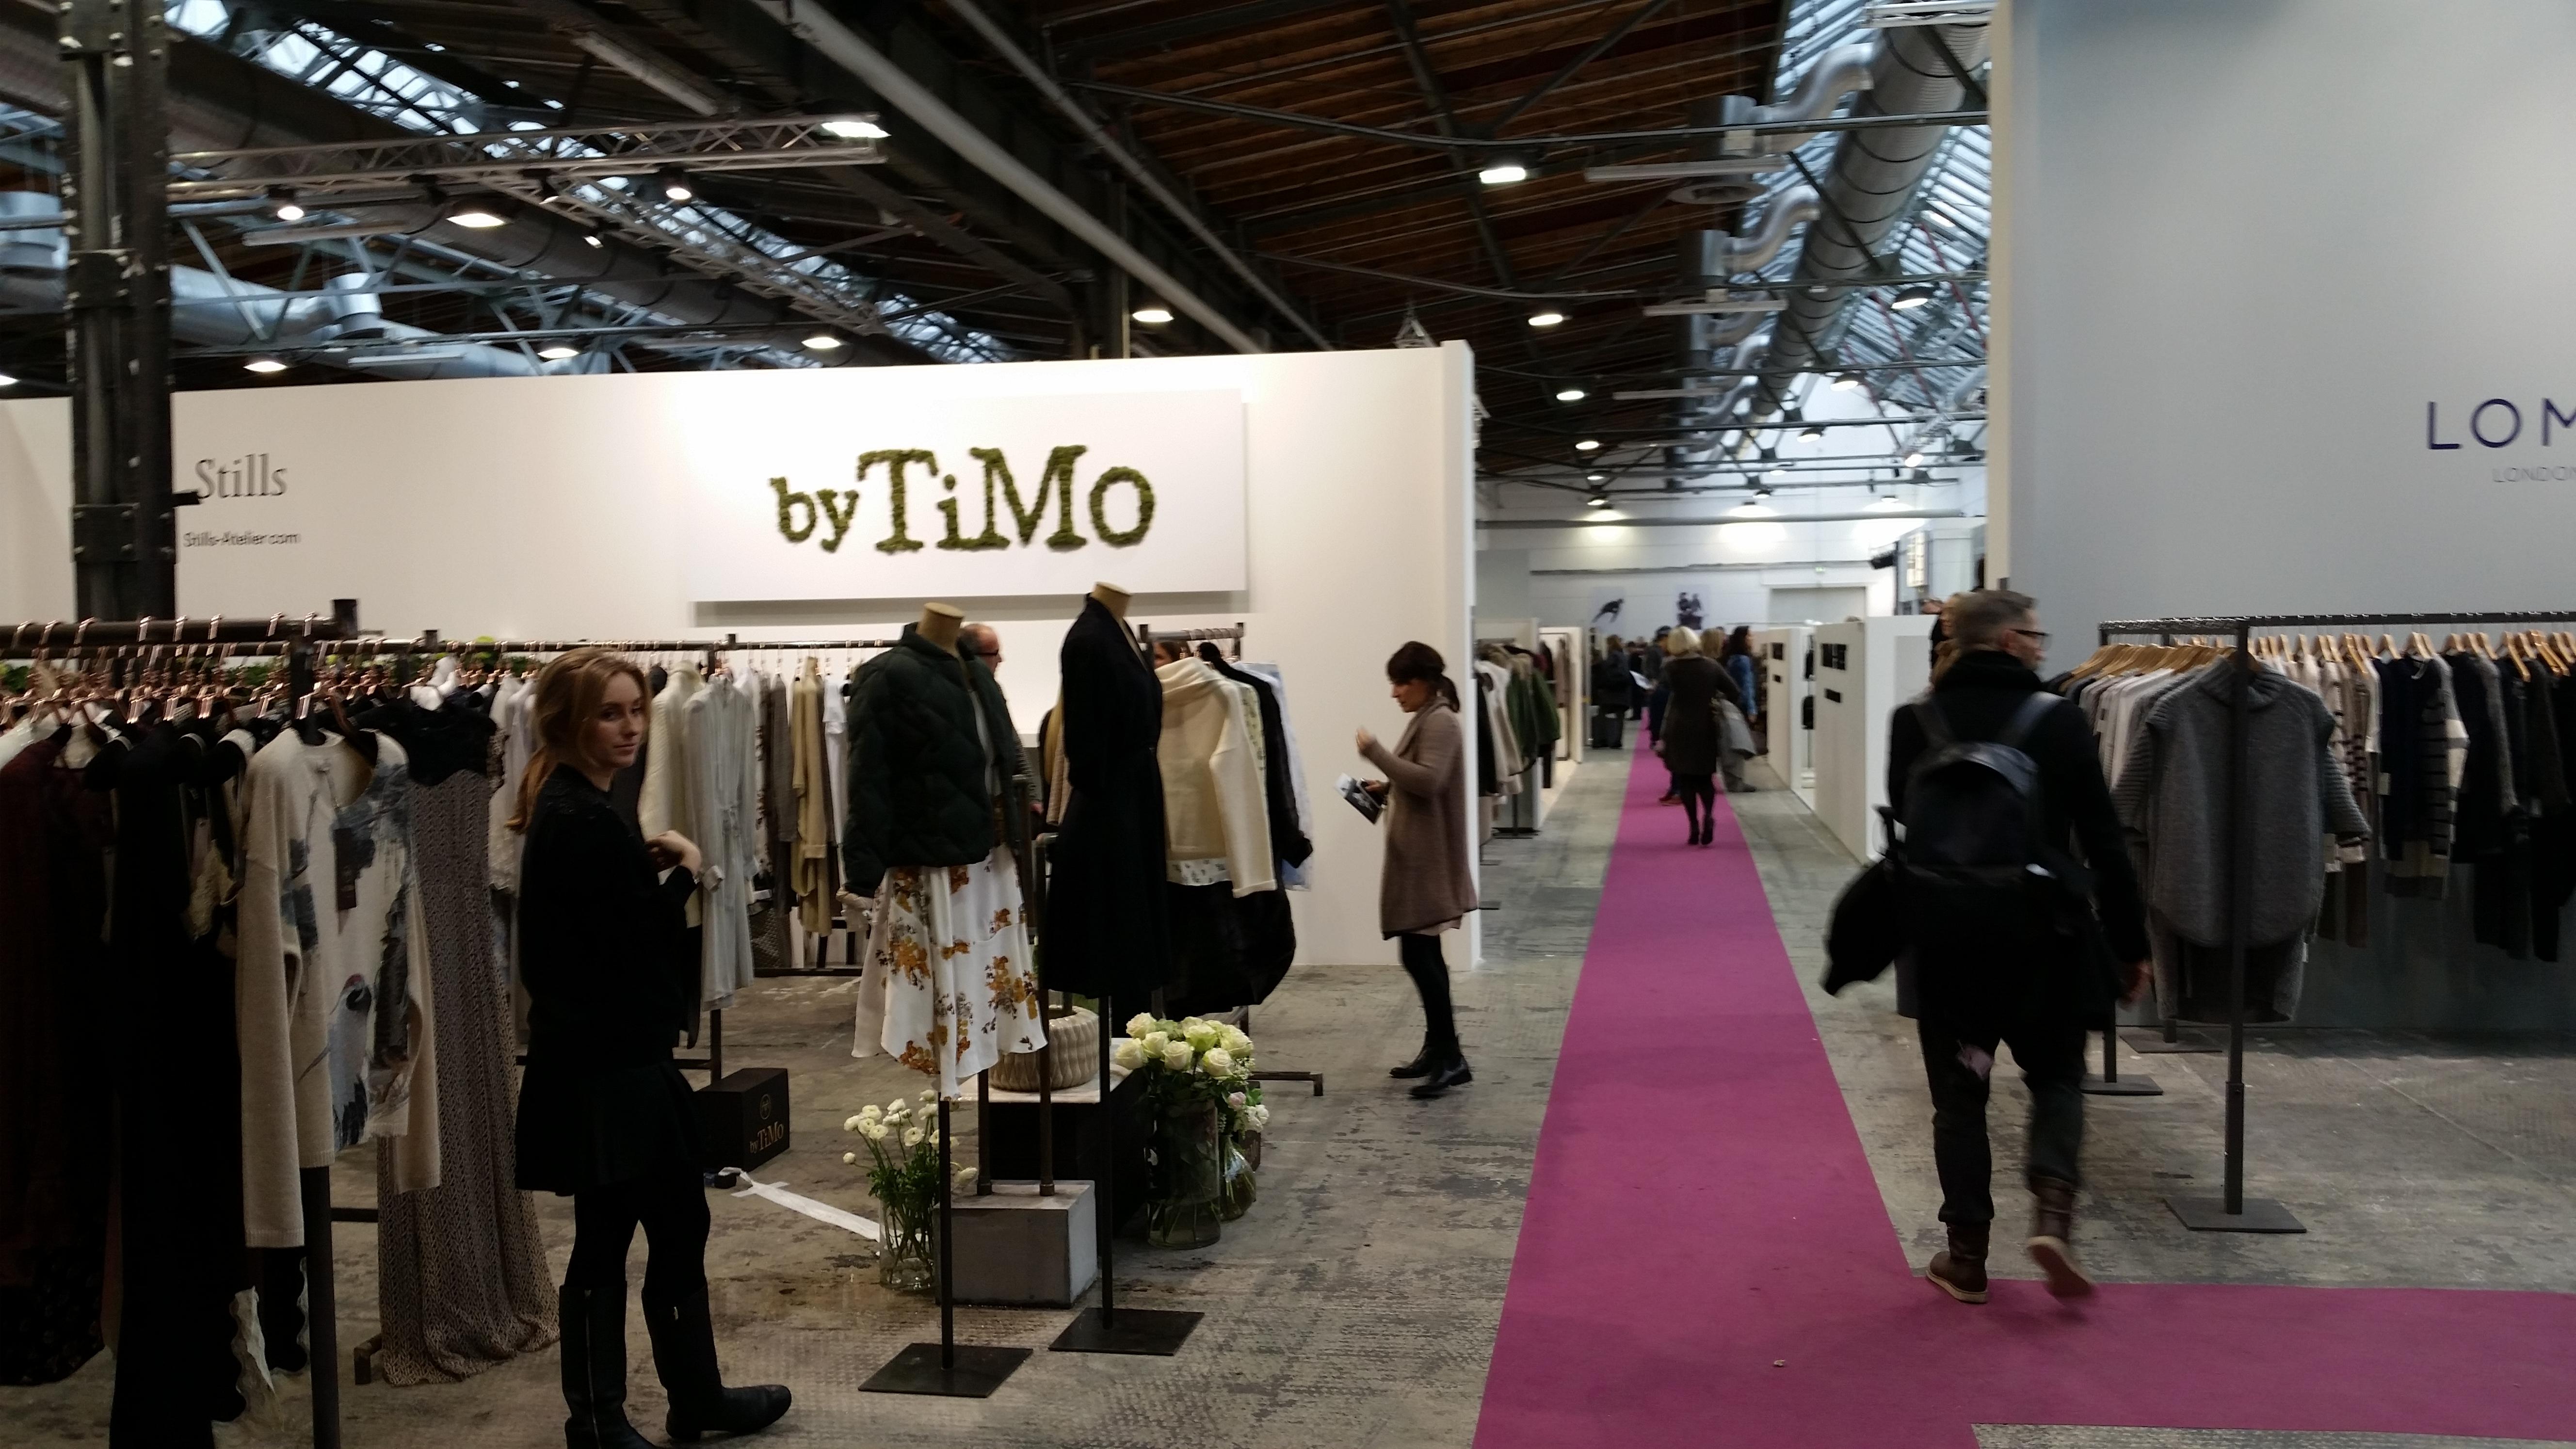 Die internationale Modemesse PREMIUM in Berlin findet jedes Jahr statt und stellt auf einem Gelände von 33.000m2 rund 1.000 Marken vor. Hier ist man dann als Einkäufer unterwegs. Quelle:https://www2.premiumexhibitions.com/visitors/